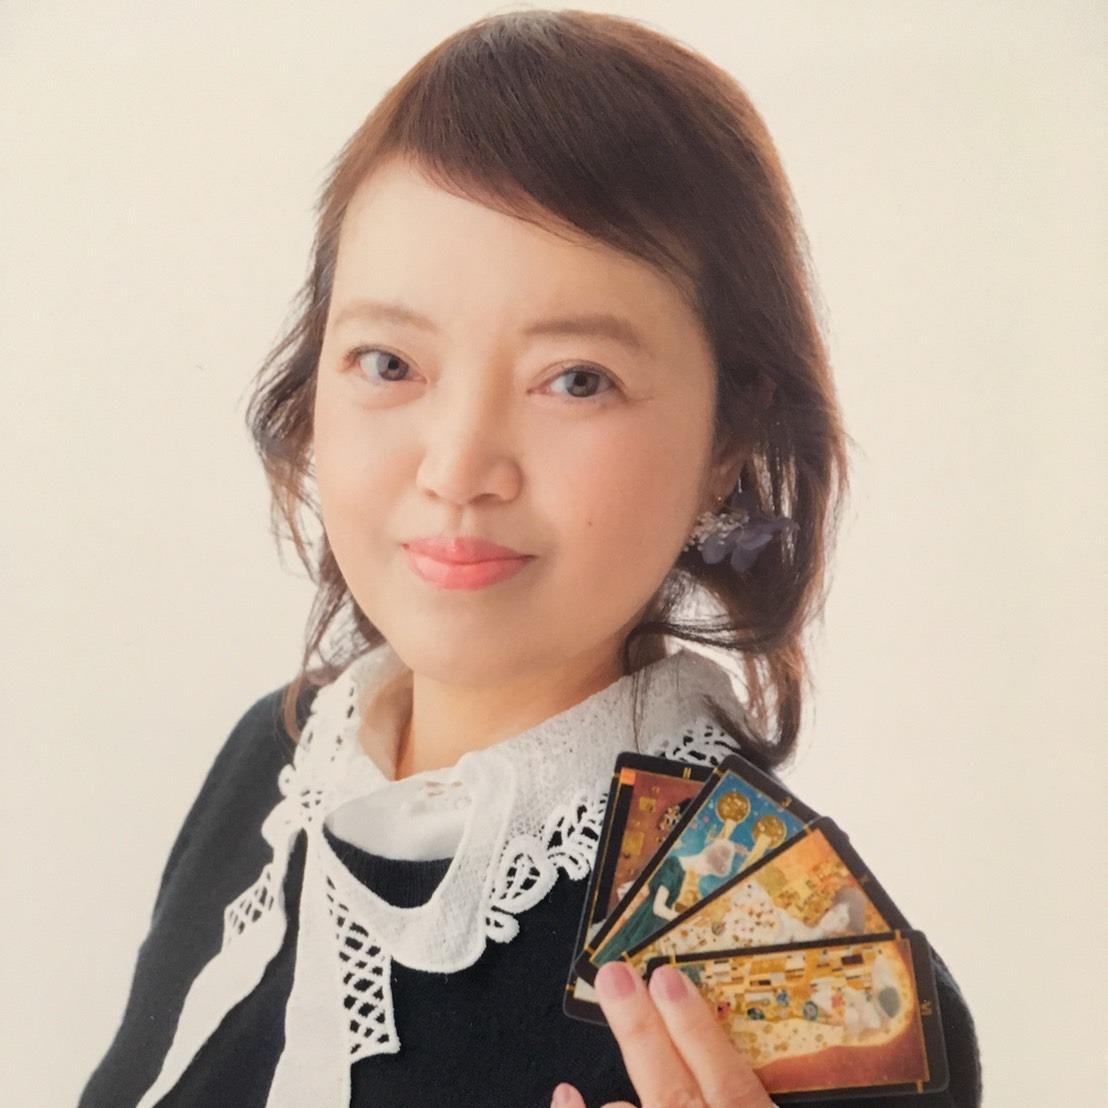 東京渋谷で当たる占い師をお探しなら婚活もできる占い館BCAFE(ビーカフェ)渋谷店の当たる占い師『リリィ愛梨(あいり)先生』がオススメです!